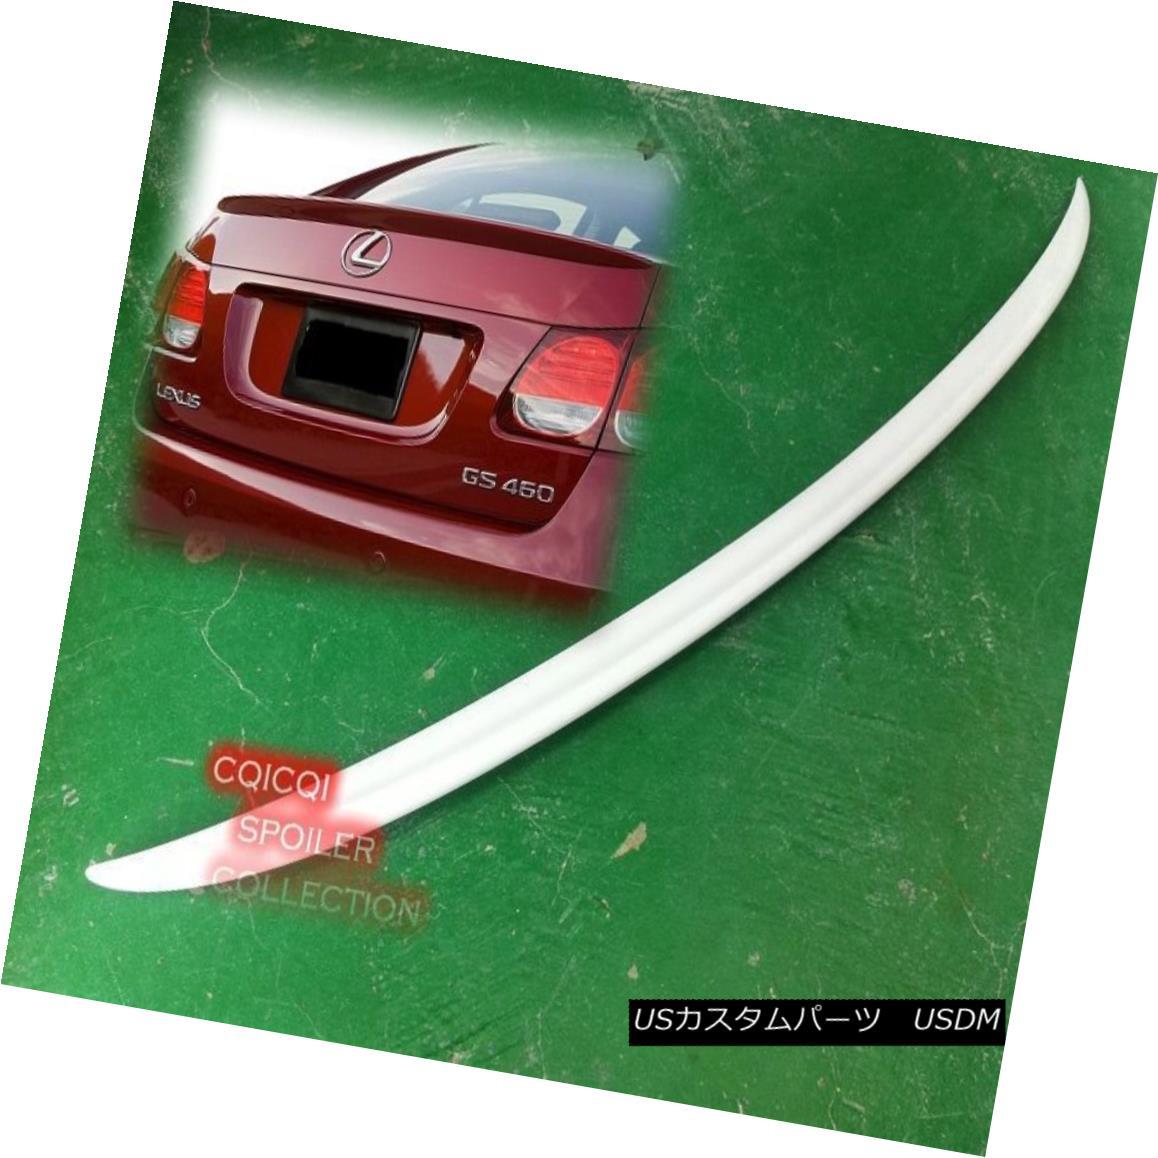 エアロパーツ Painted 06~10 Lexus GS300 GS350 GS400 GS430 GS460 OEM type Trunk Spoiler ◎ 塗装済み06?10レクサスGS300 GS350 GS400 GS430 GS460 OEMタイプのトランク・スポイラー?